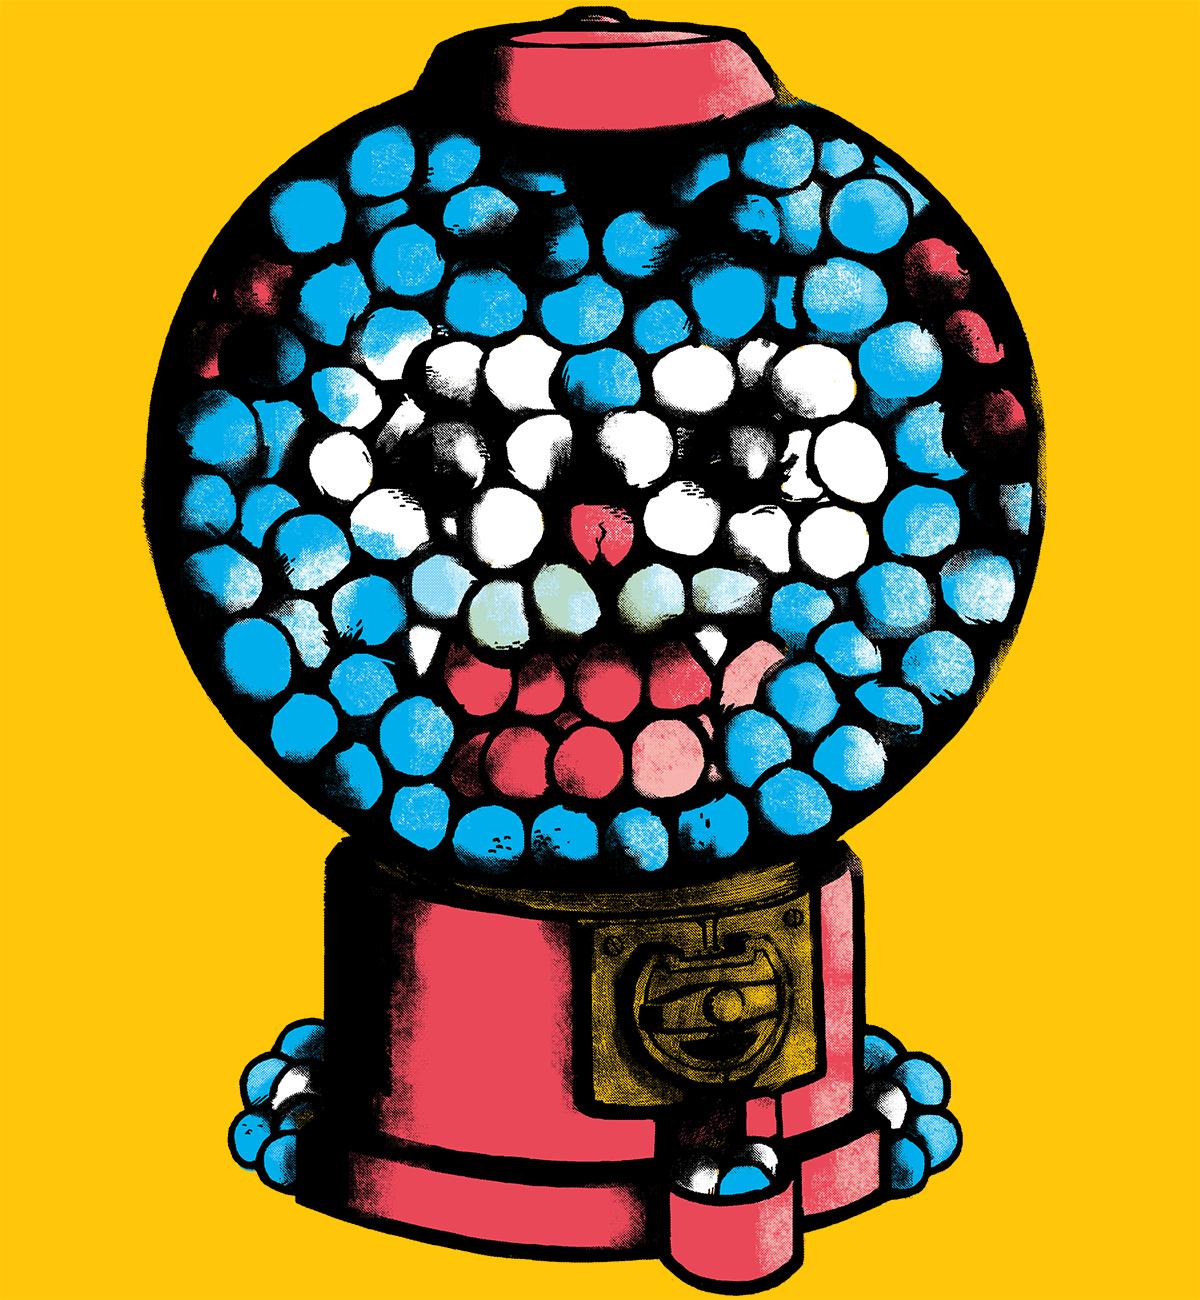 The Amazing World of Gumball Machines